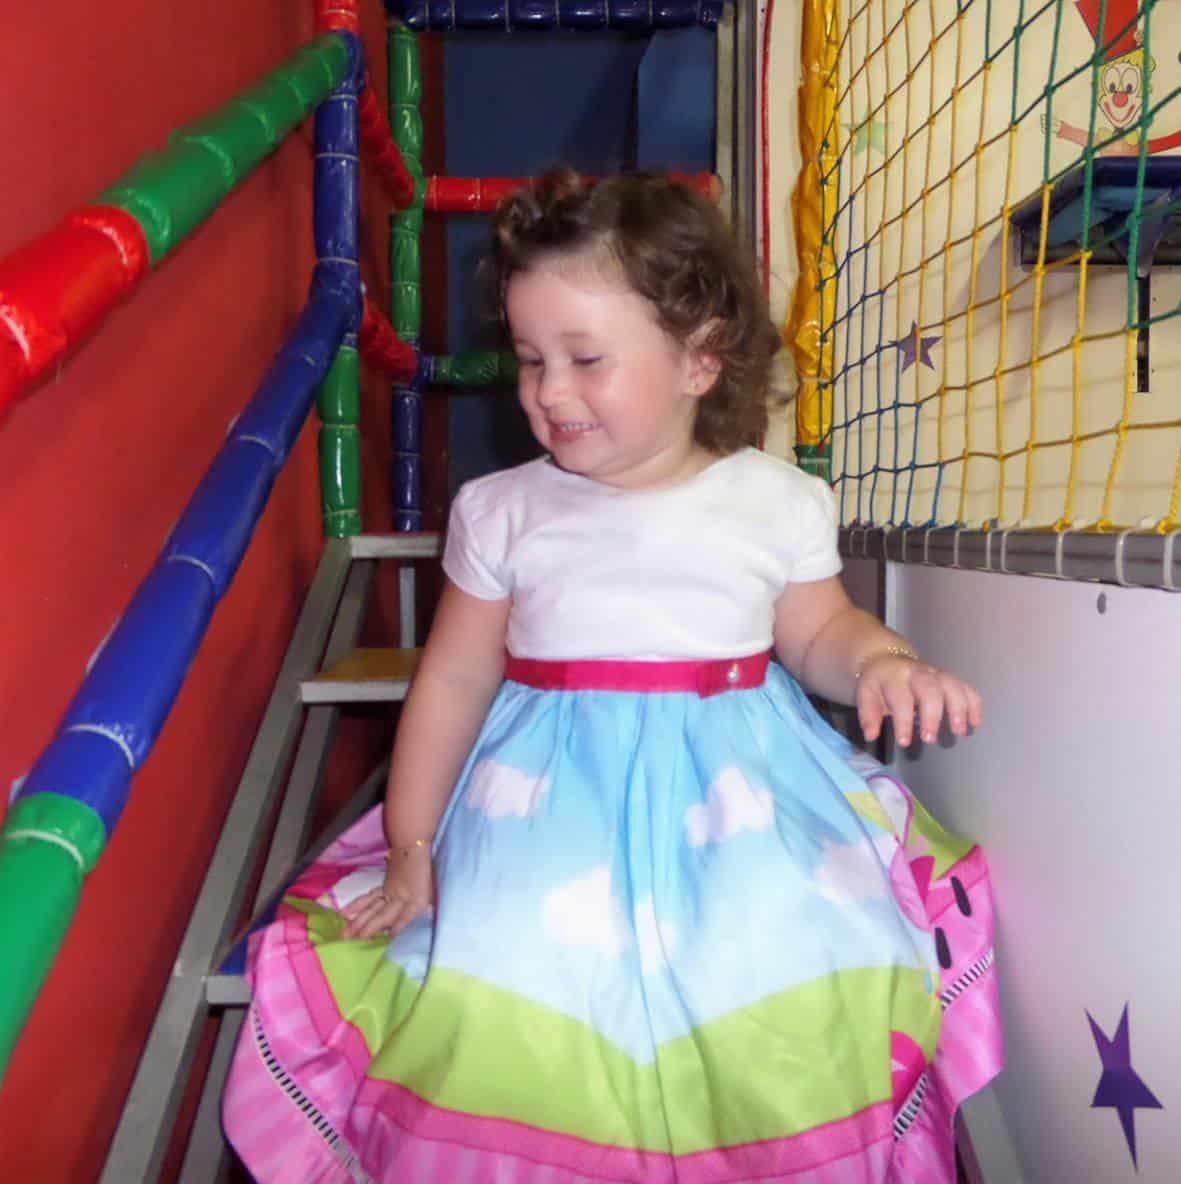 17474362 1226775707442202 626665260 o Elas vestem vestidos infantil de festa Ana Giovanna